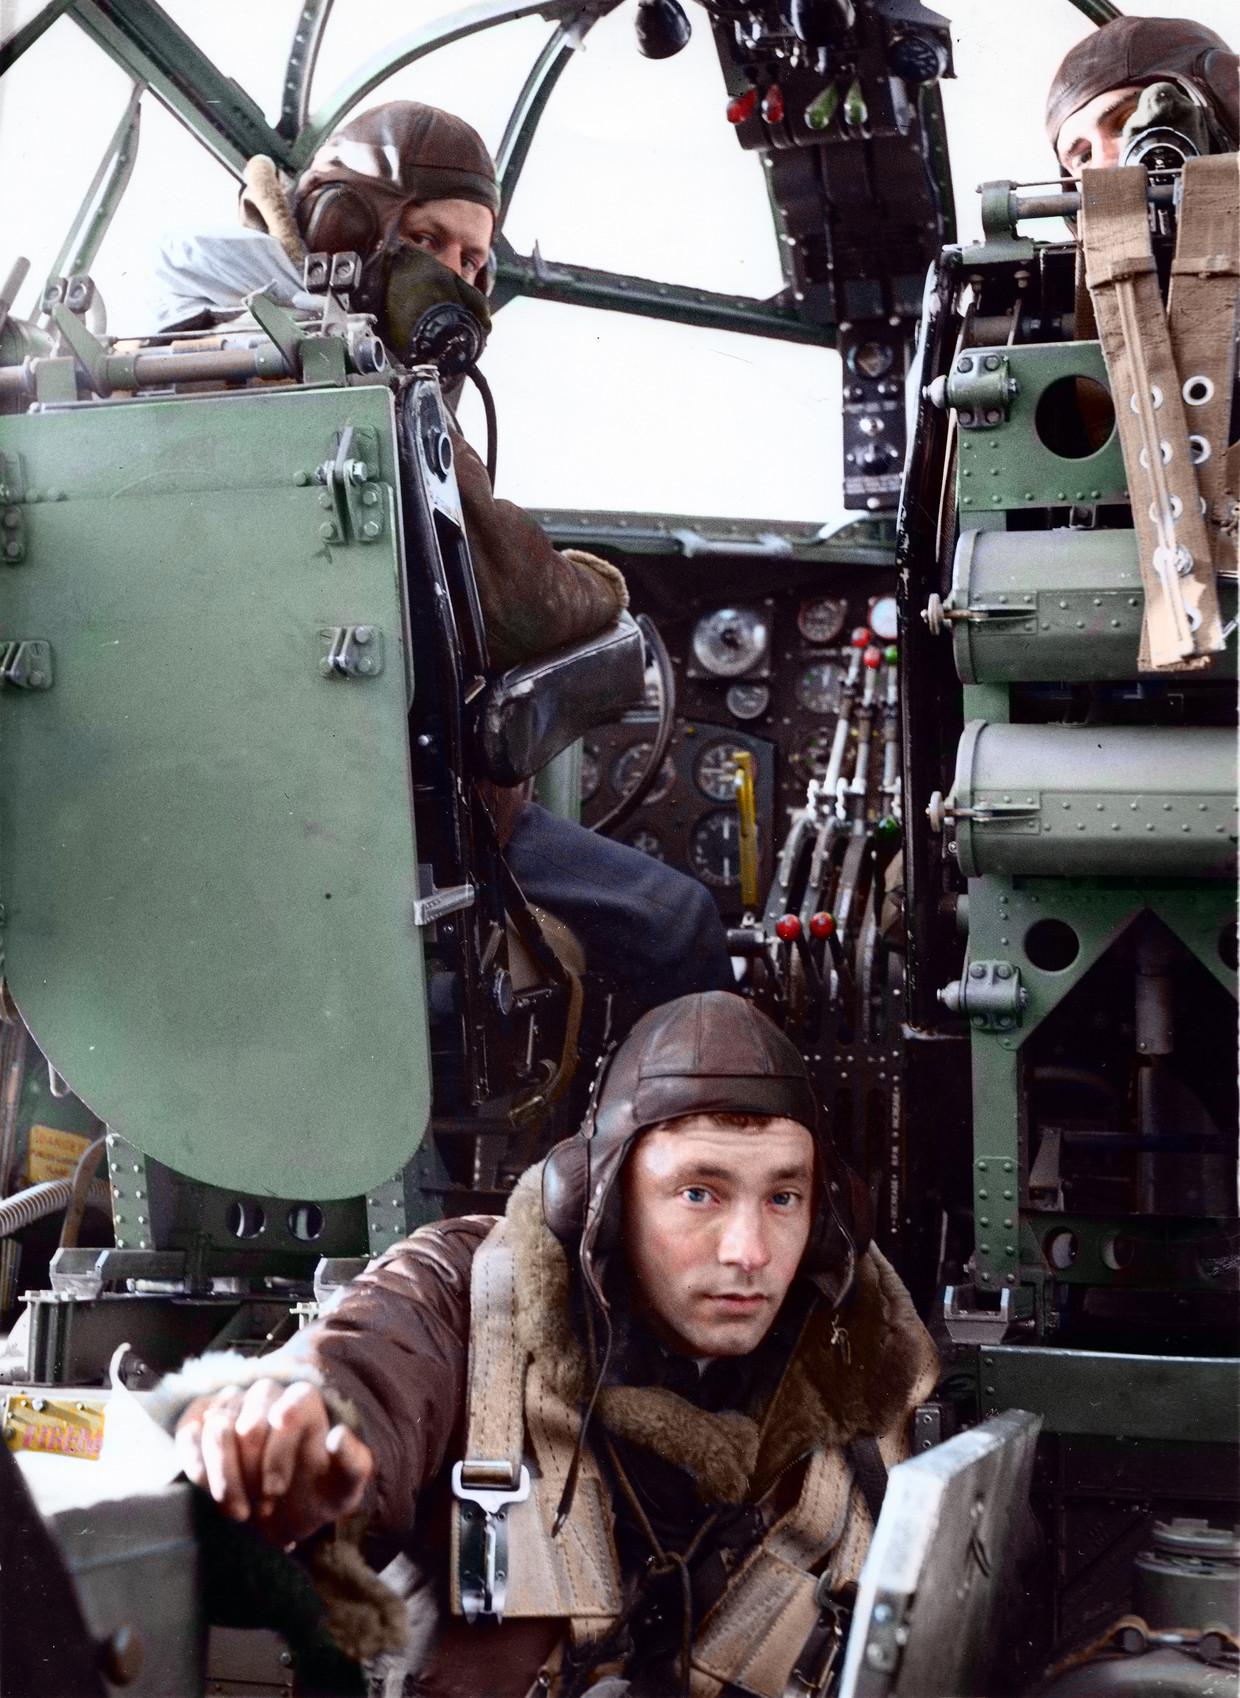 De reusachtige Short Stirling was de grootste bommenwerper die de Royal Air Force in huis had. Ondanks het enorme logge gevaarte roemden de piloten de wendbaarheid van het toestel. Op de foto zitten twee piloten achter hun instrumenten en komt de bommenrichter net vanuit zijn compartiment de cockpit binnen. Beeld Collectie Gerard Groeneveld. Colourist Jakob Lagerweij